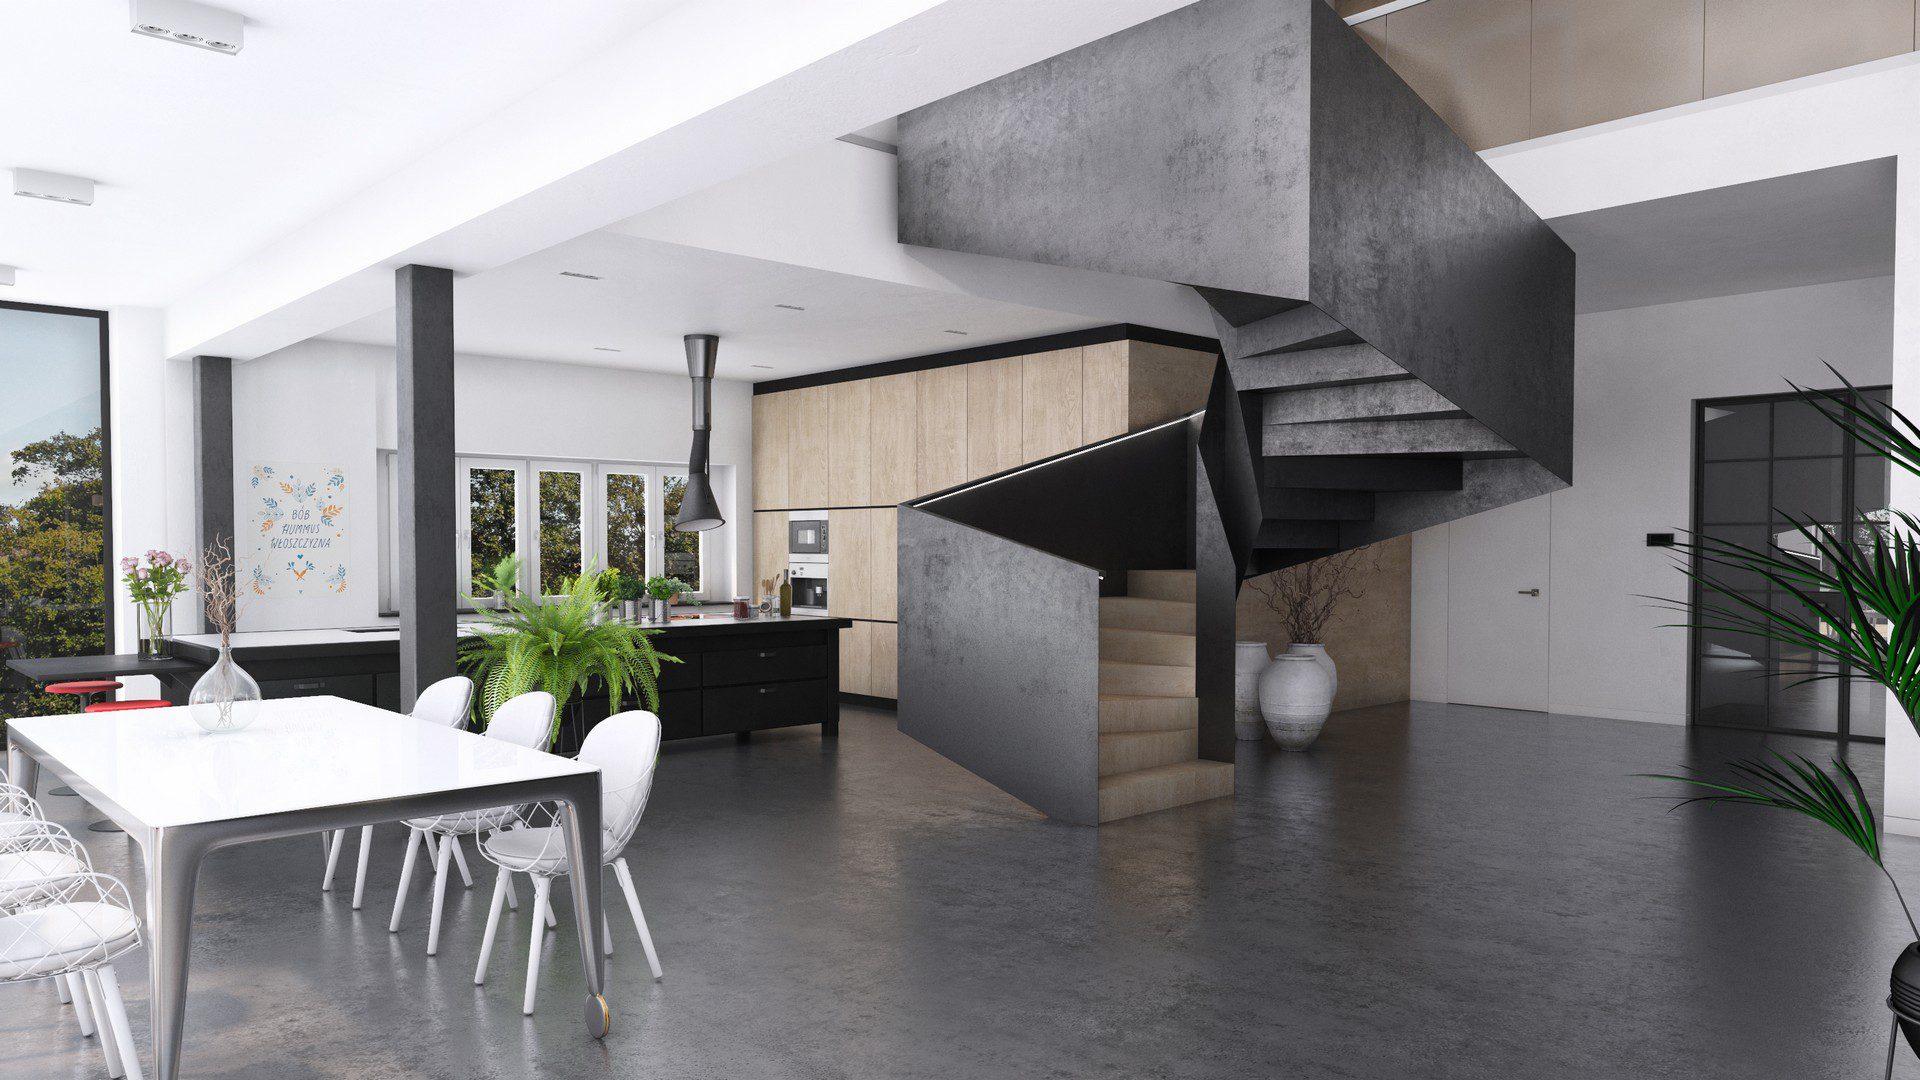 kuchnia i jadalnia w domu jednorodzinnym wizualizacja 3d